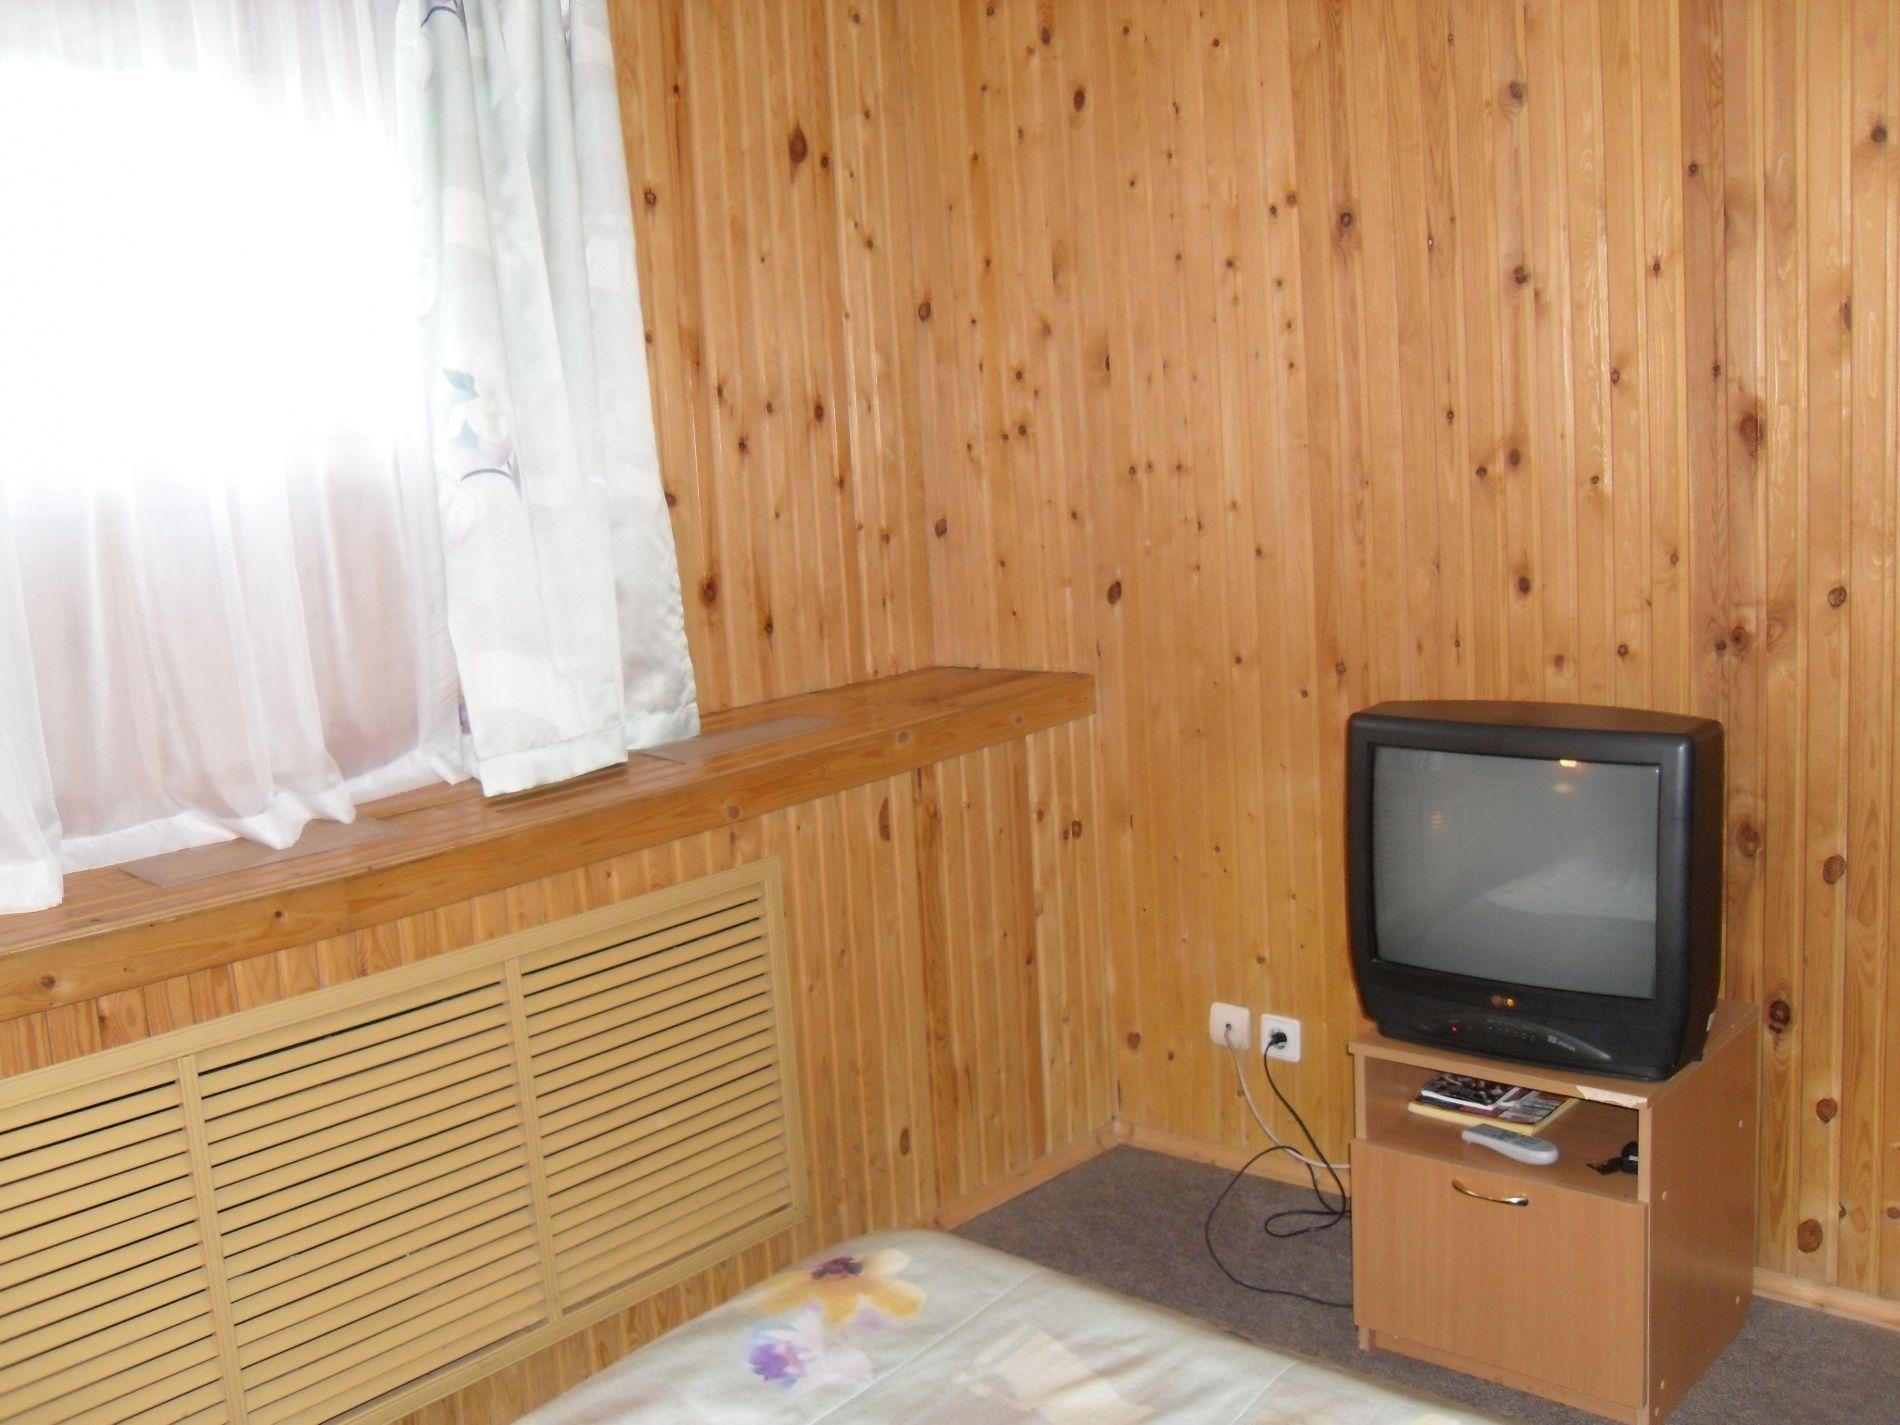 Туристический комплекс «Мирная Пристань» Ивановская область 2-комнатный номер 1 категории (№ 2, 5, 7), фото 7